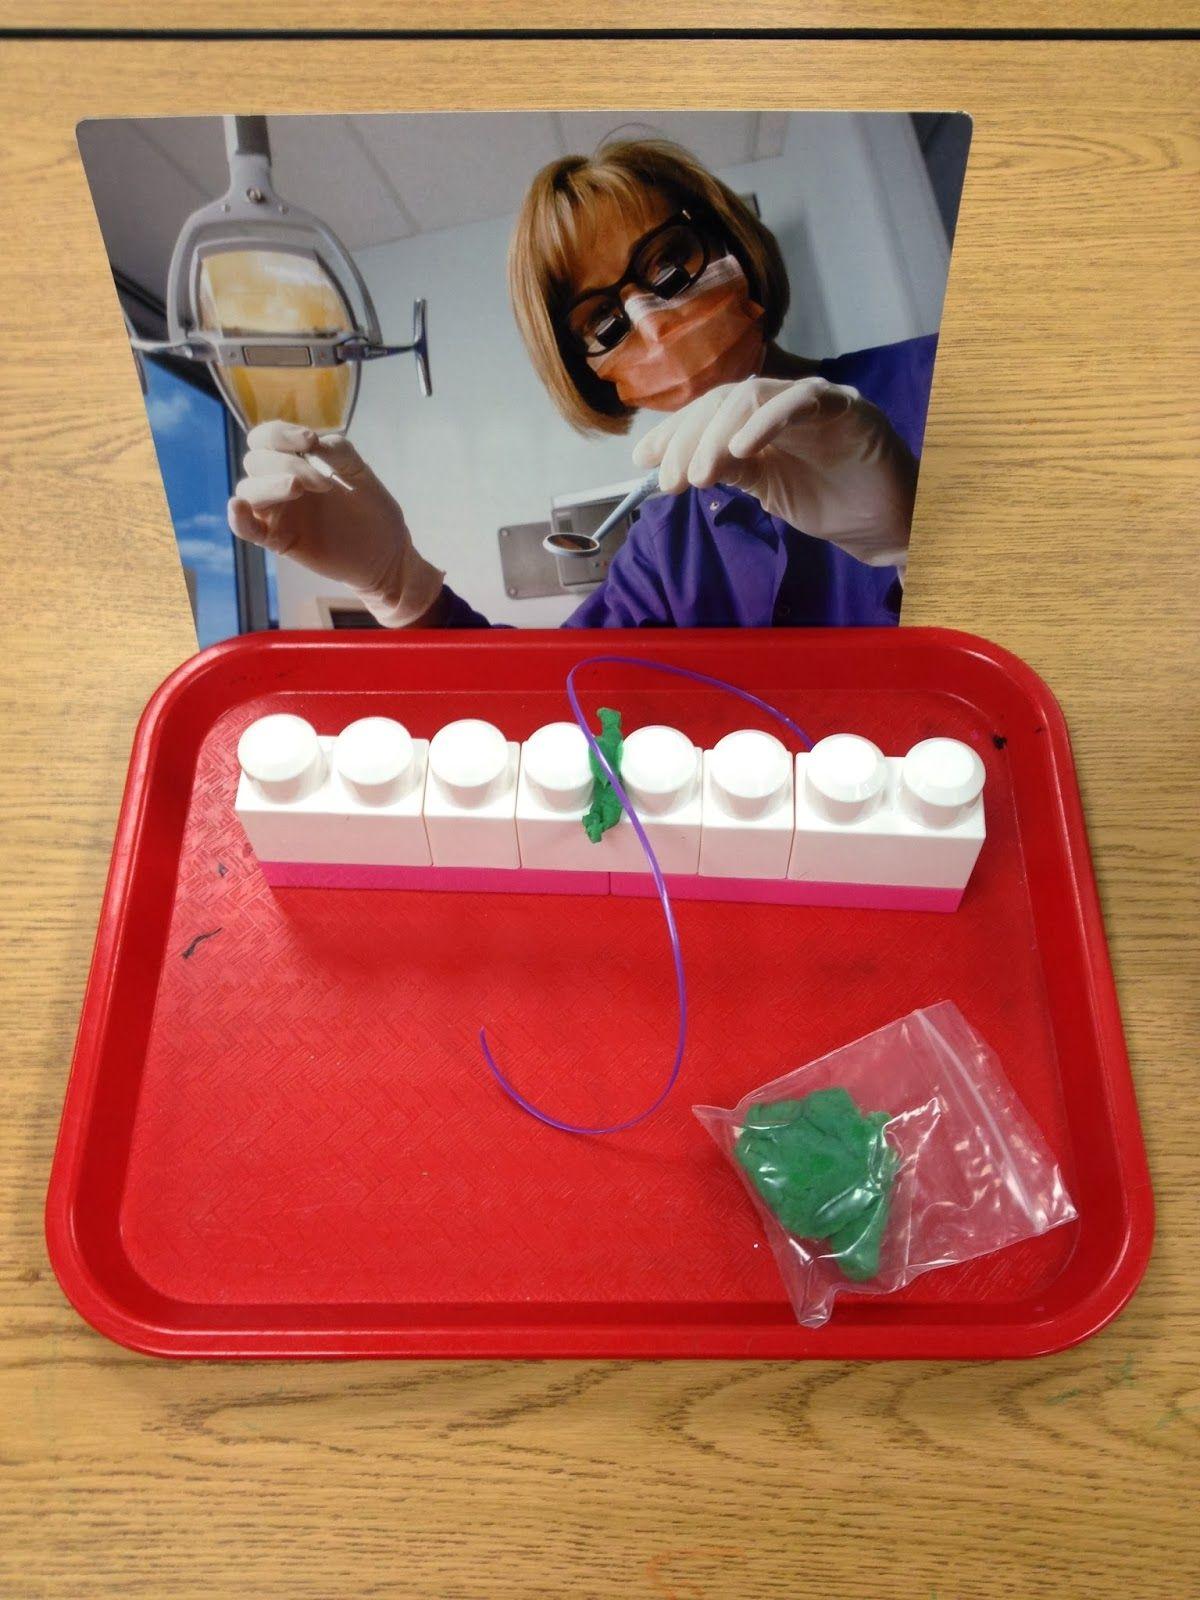 Dental Health In Preschool Flossing Teeth Made Out Of